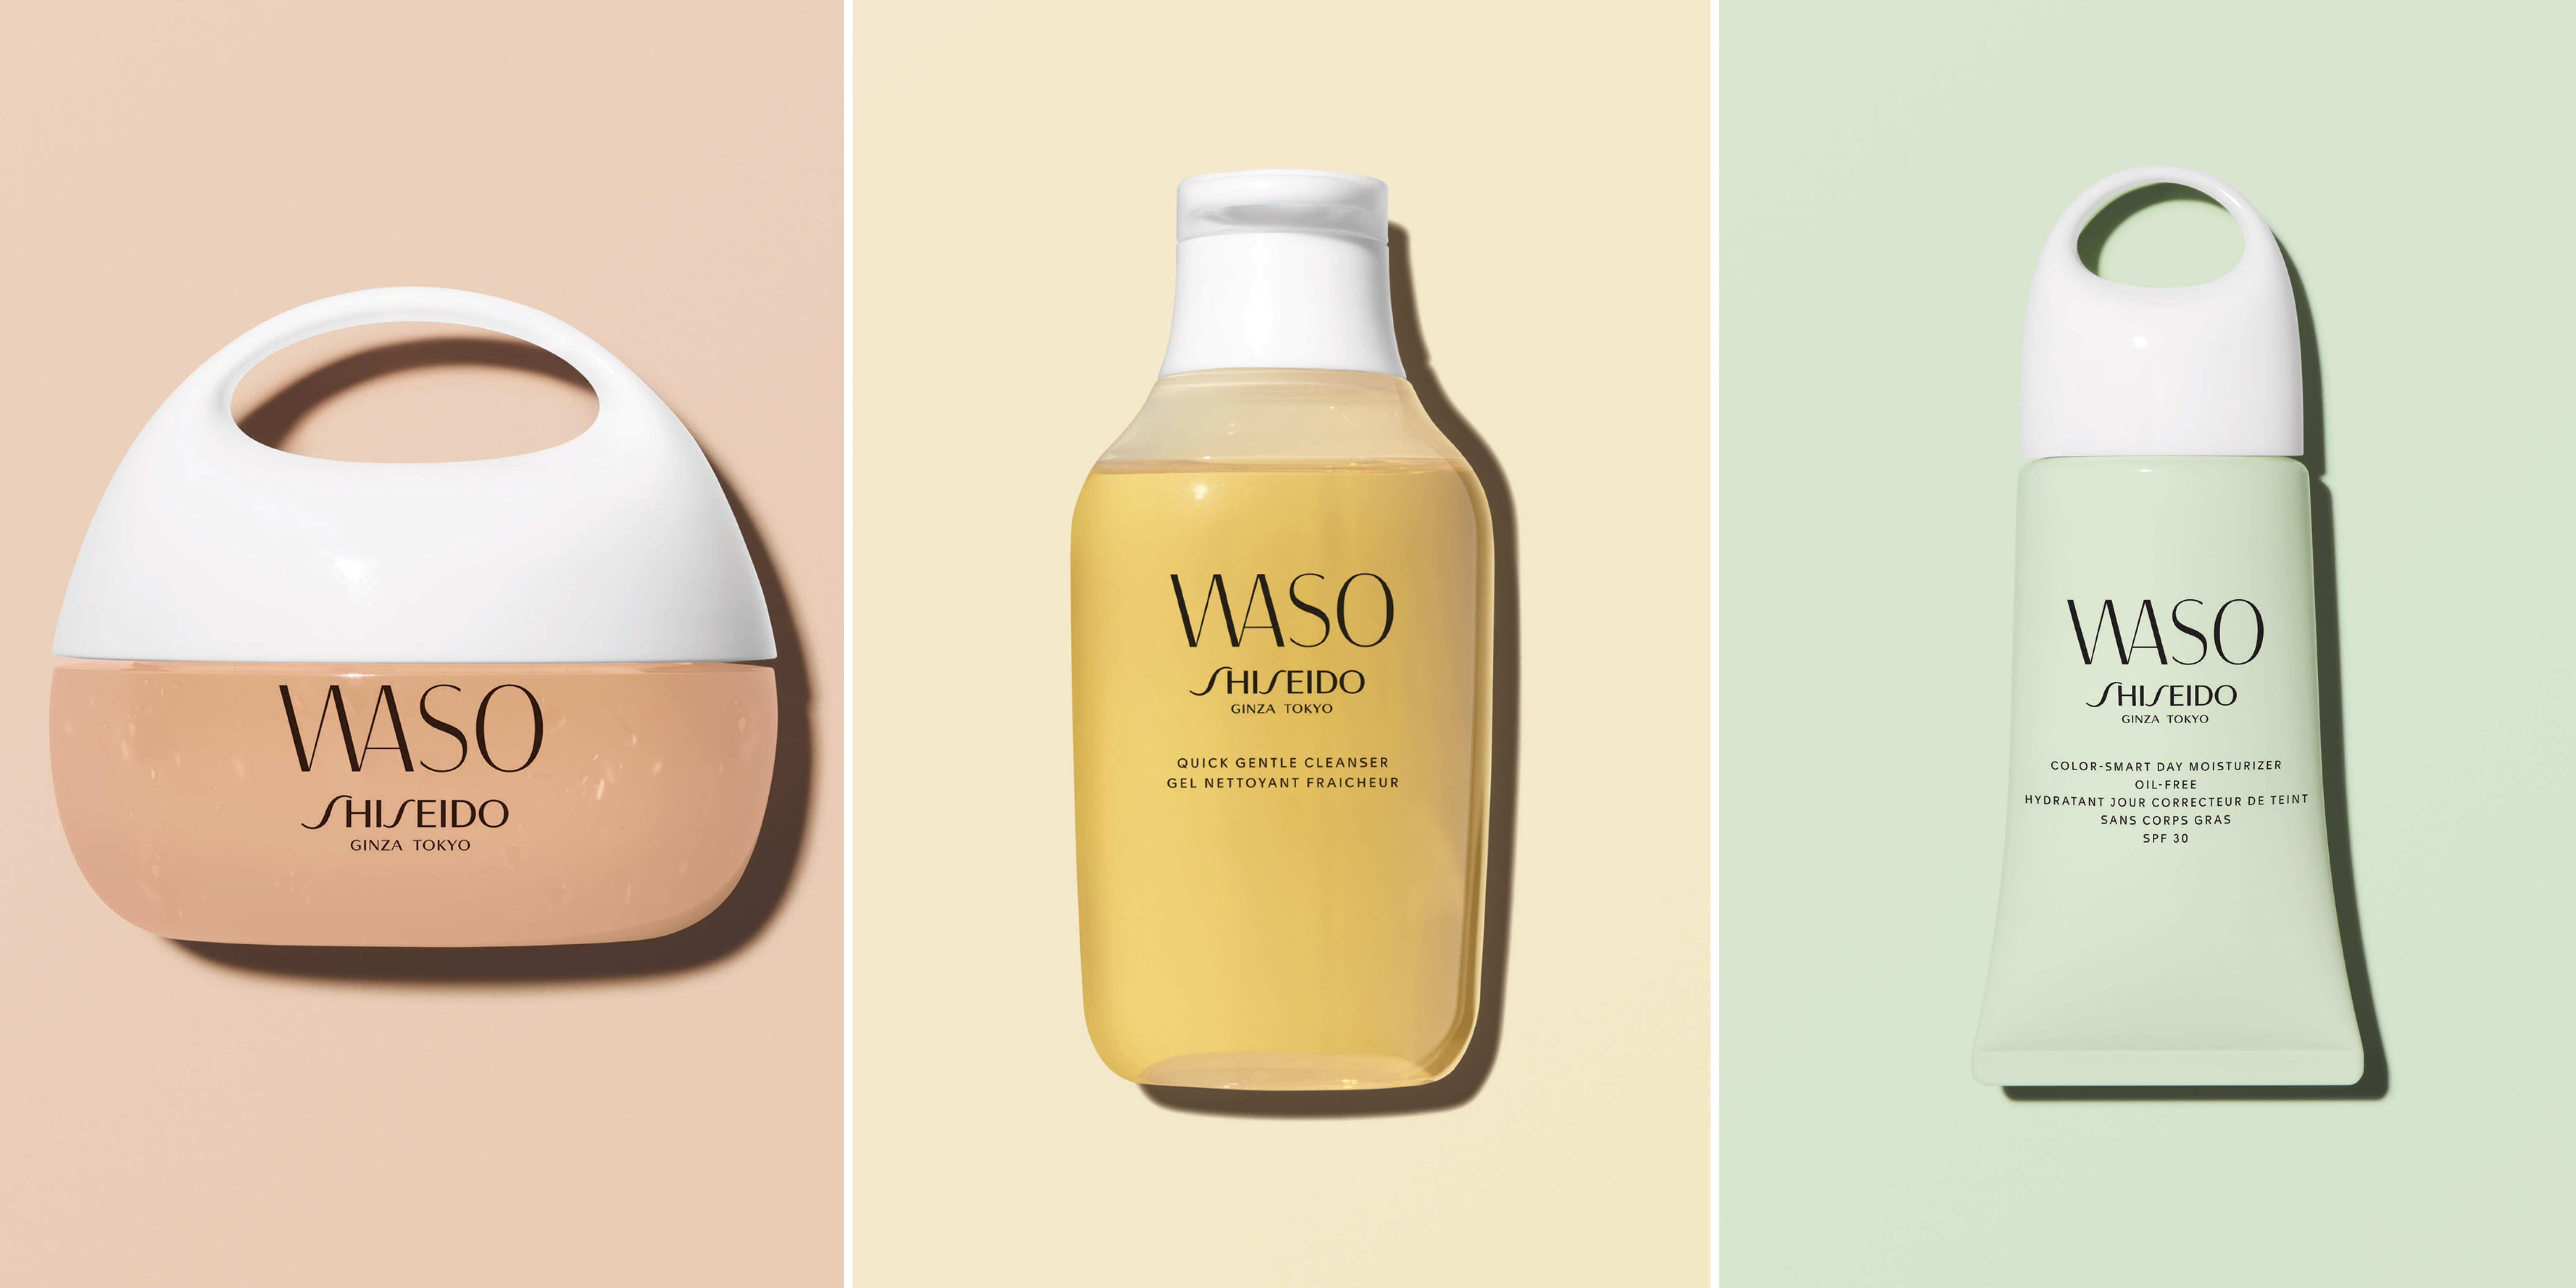 shiseido waso